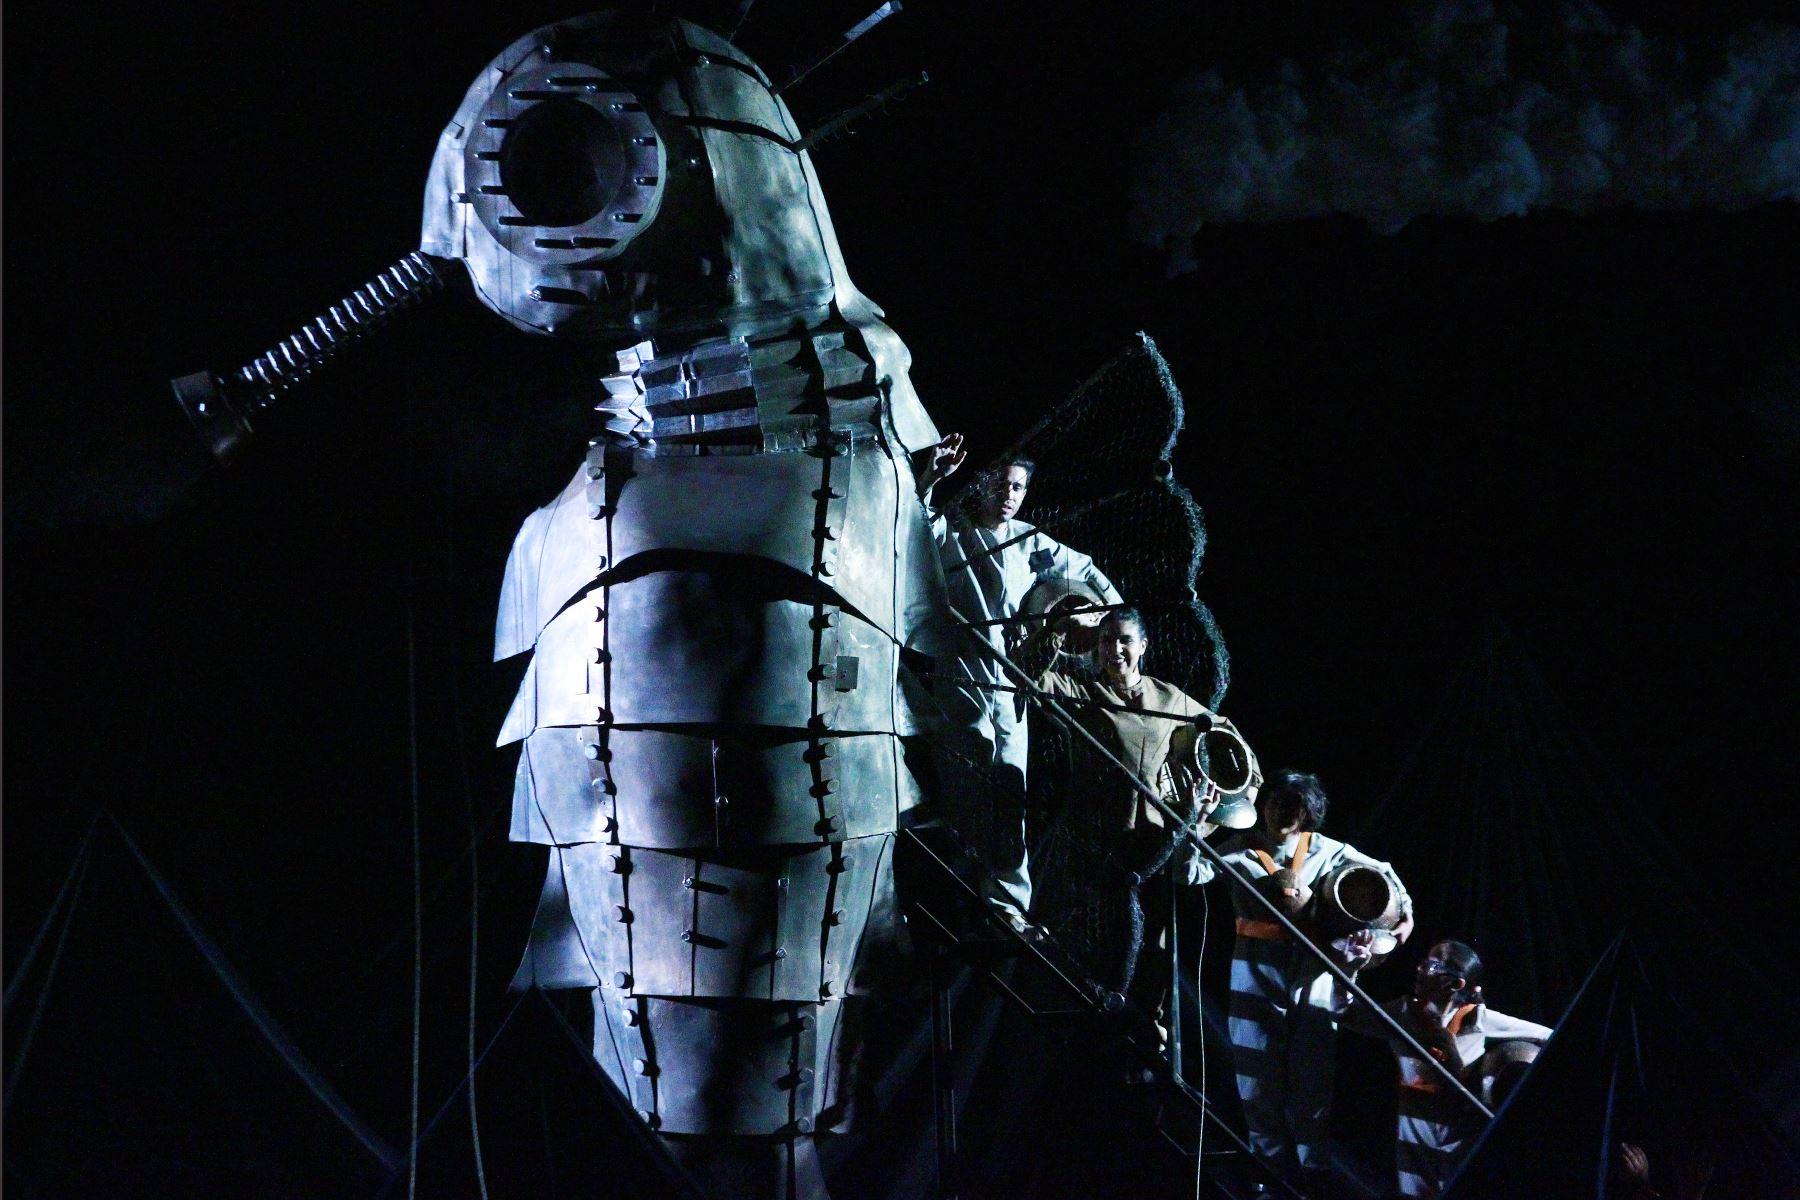 """Estrenan obra teatral musical """"La ciudad bajo el mar"""" sobre la contaminación ambiental con la participan más de 70 integrantes del Coro Nacional de Niños. Foto: ANDINA/Eddy Ramos"""